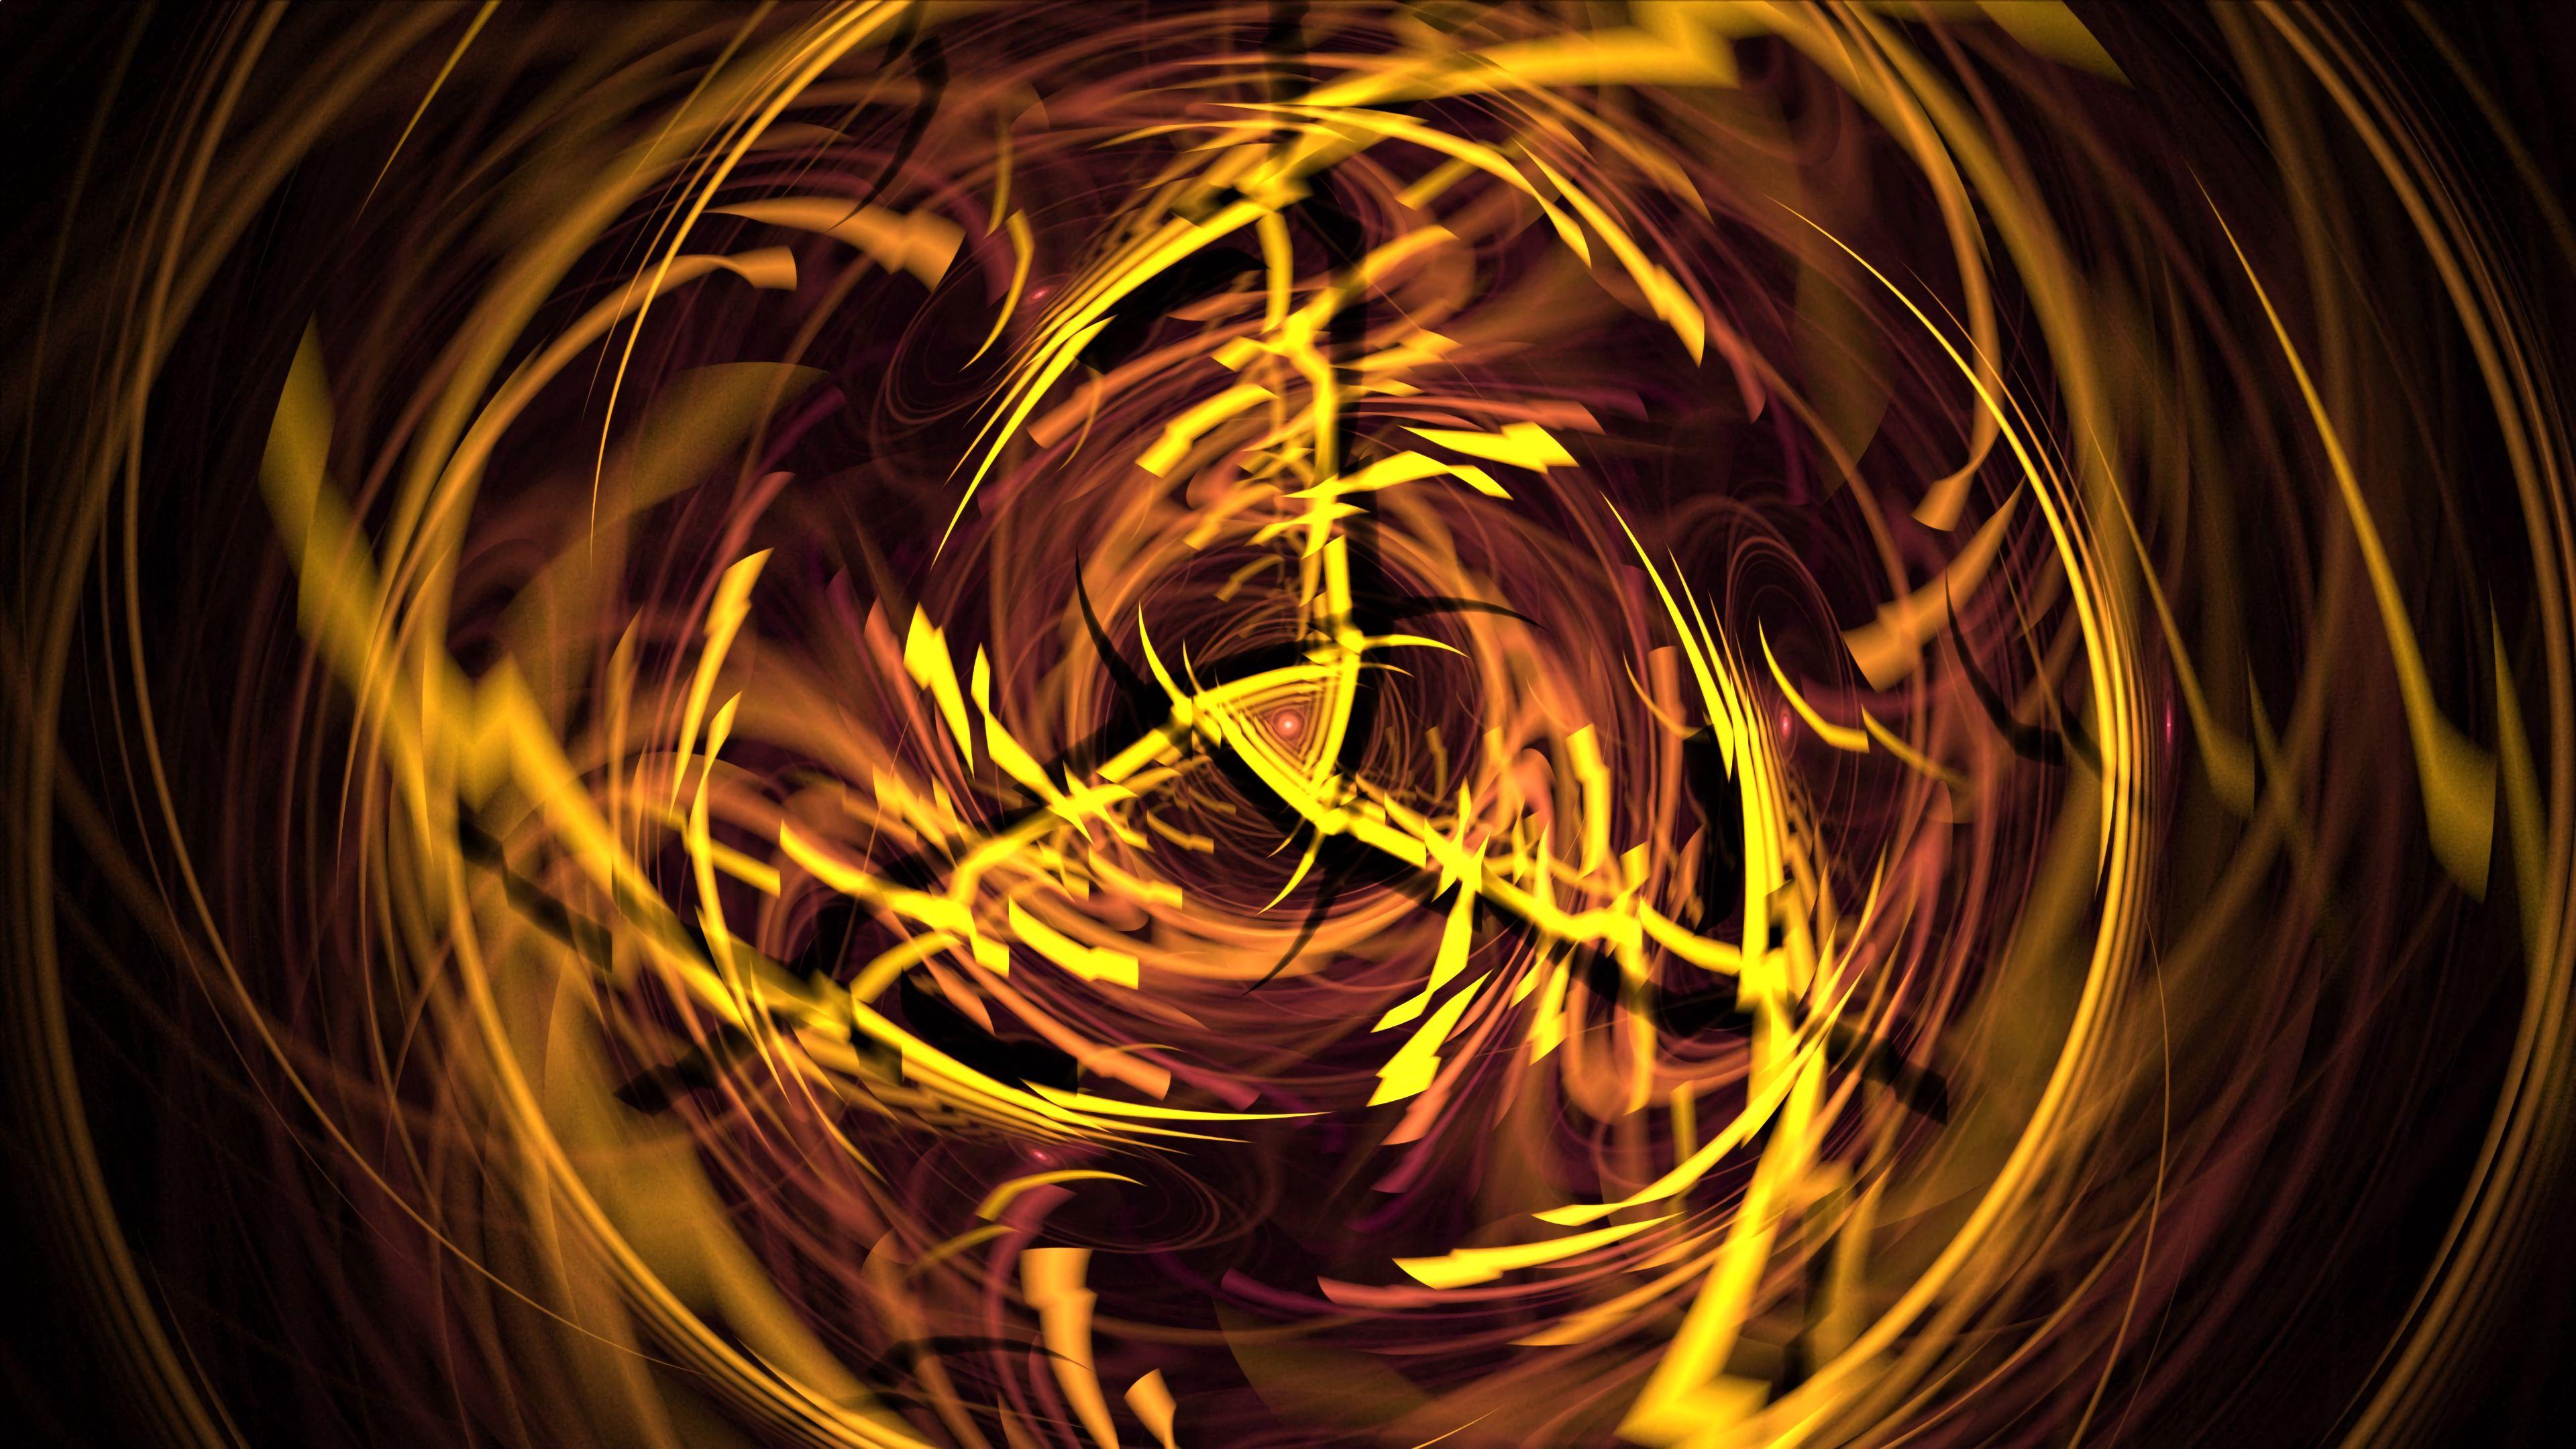 104545 Hintergrundbild herunterladen Abstrakt, Linien, Verzerrung, Kreuzung, Panne, Glitch, Schnittpunkt - Bildschirmschoner und Bilder kostenlos